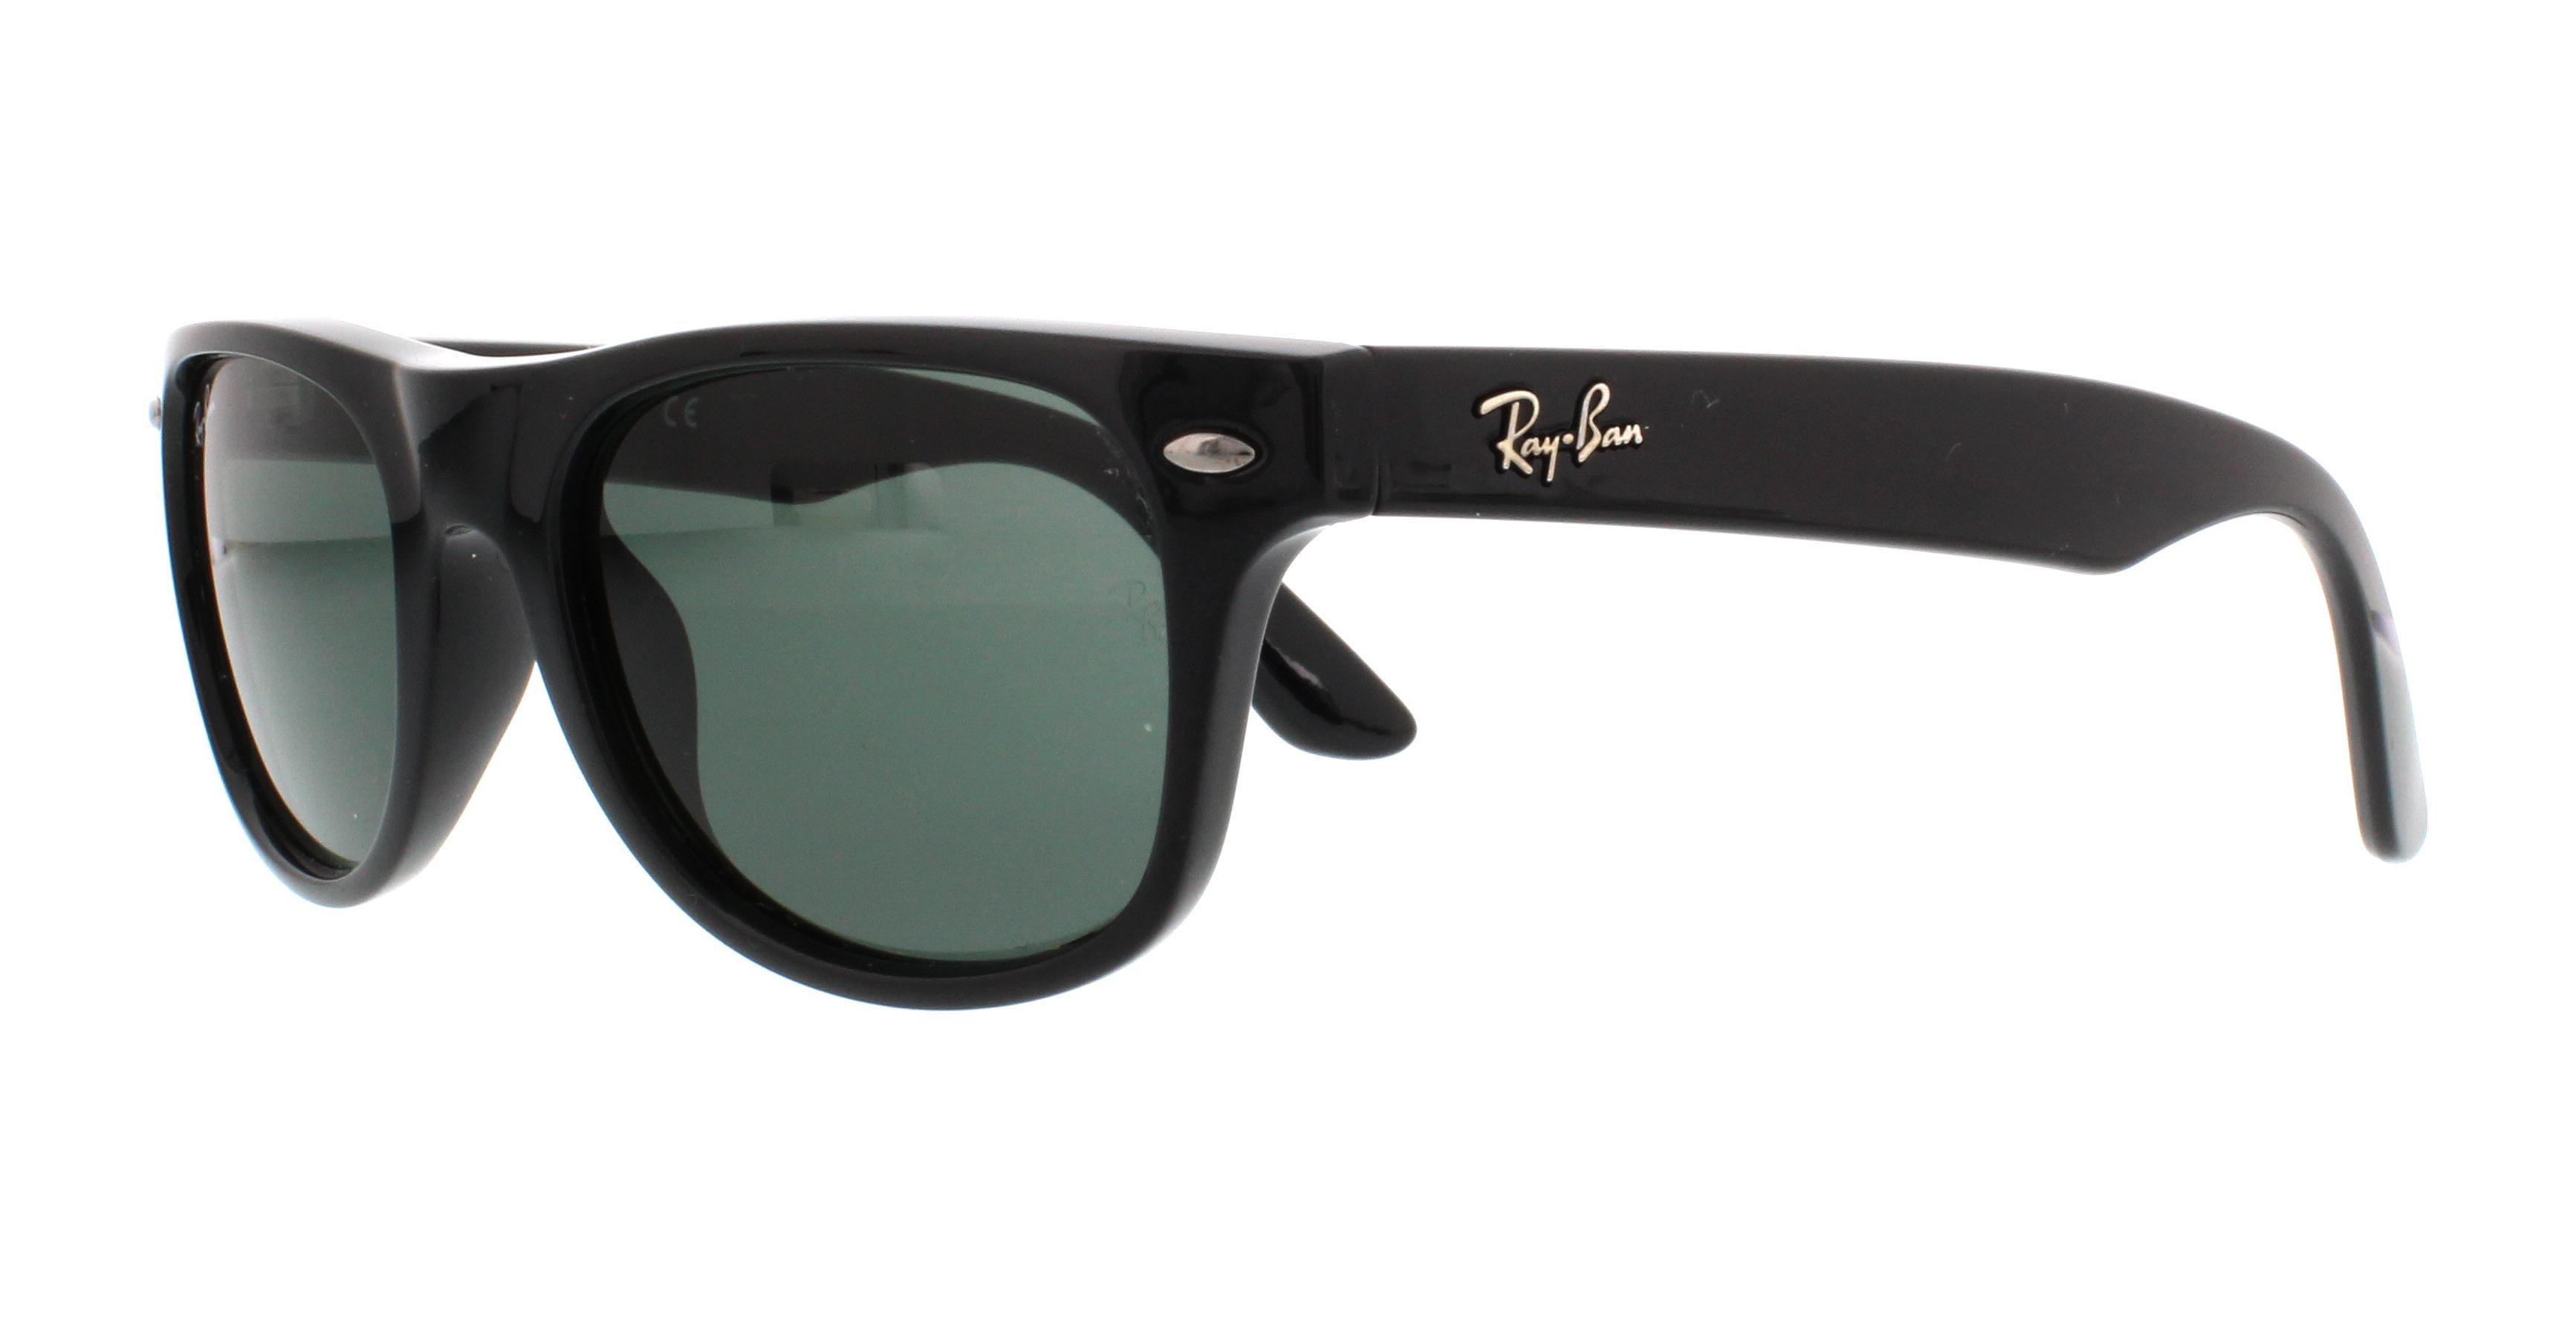 c0778d28b06 Details about RAY BAN JR Sunglasses RJ9035S 100 71 Black 44MM